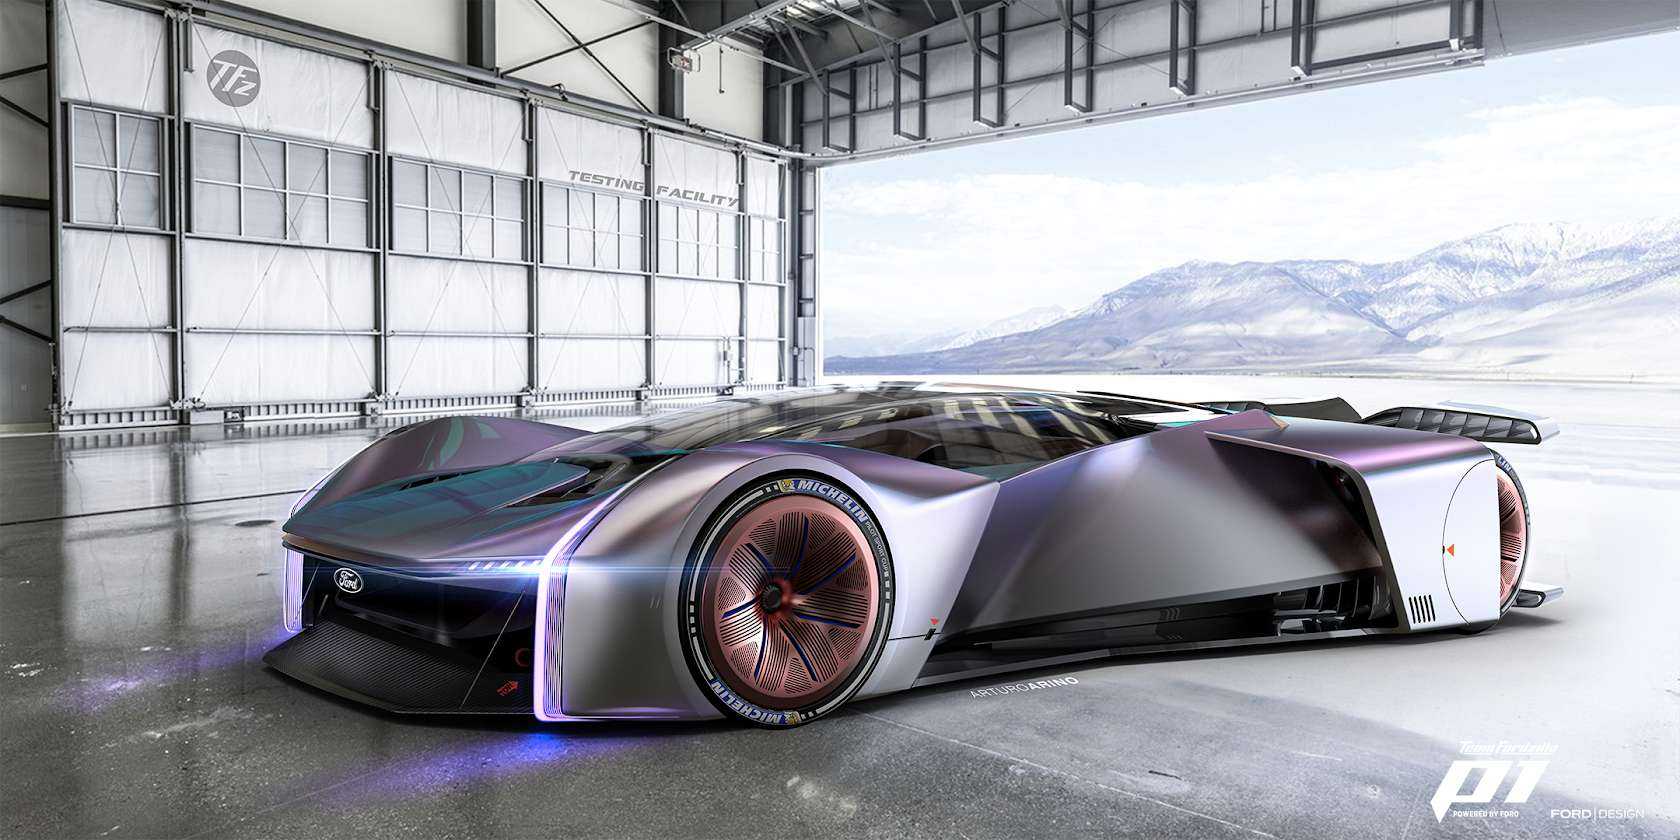 La Team Fordzilla P1 sera présente dans un jeu vidéo de course automobile à sortir l'année prochaine. © Ford